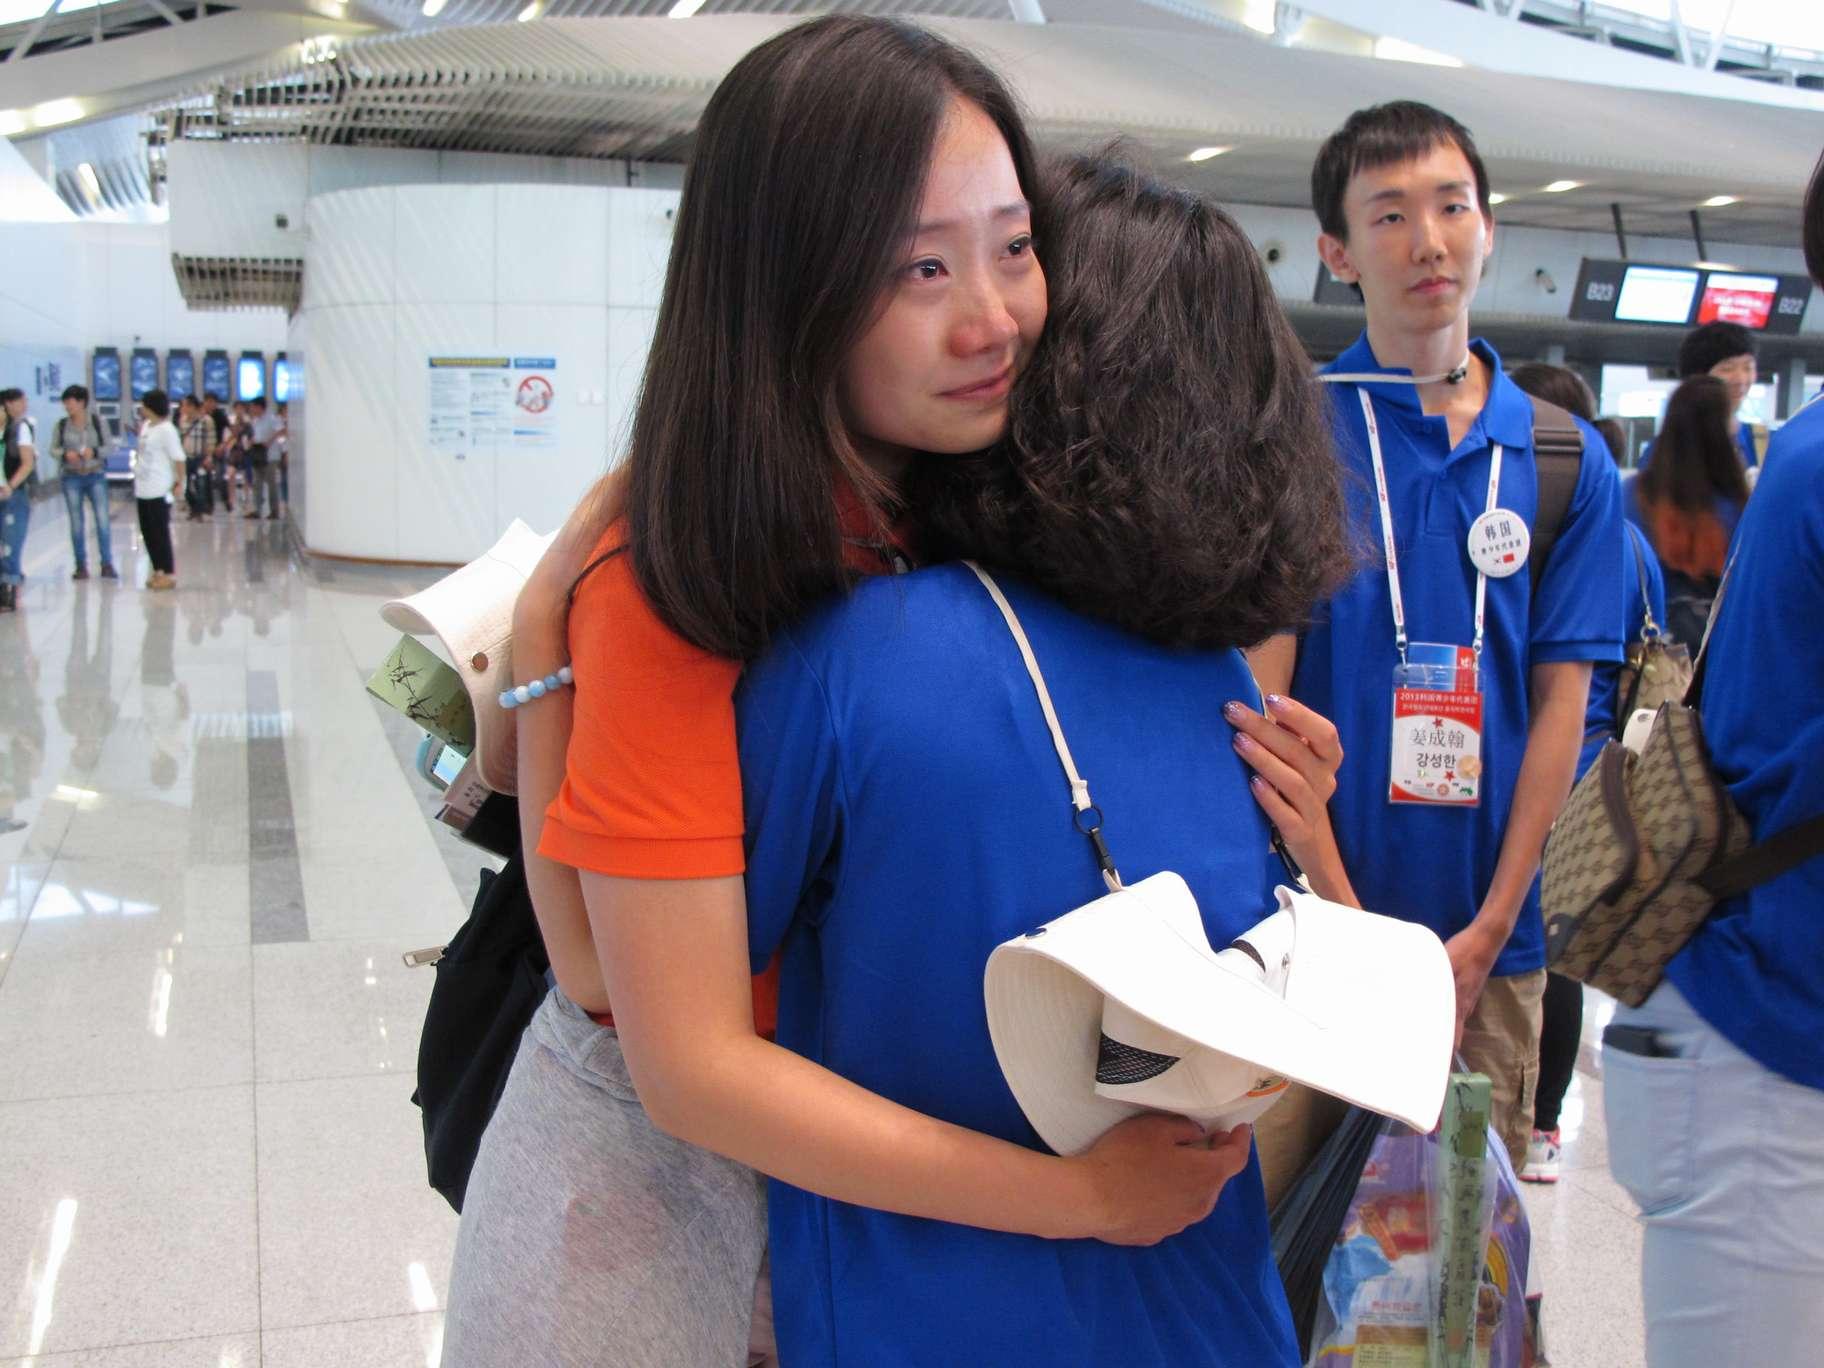 韩青年结束访华行程 中韩青年相约未来再聚